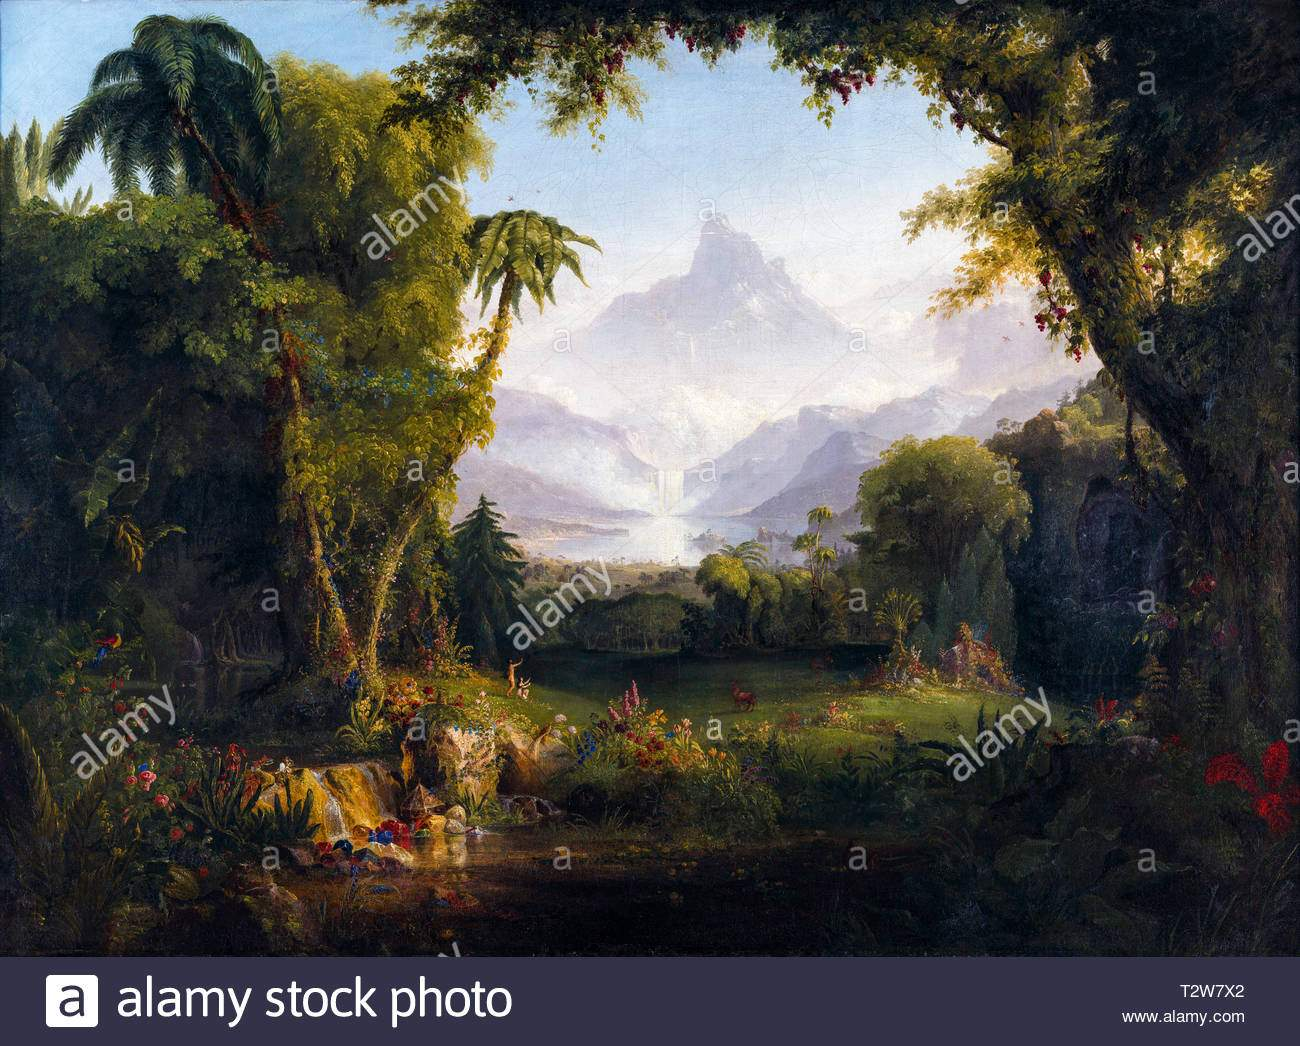 Garten Eden Inspirierend Thomas Cole Der Garten Eden Malerei 1828 Stockfoto Bild